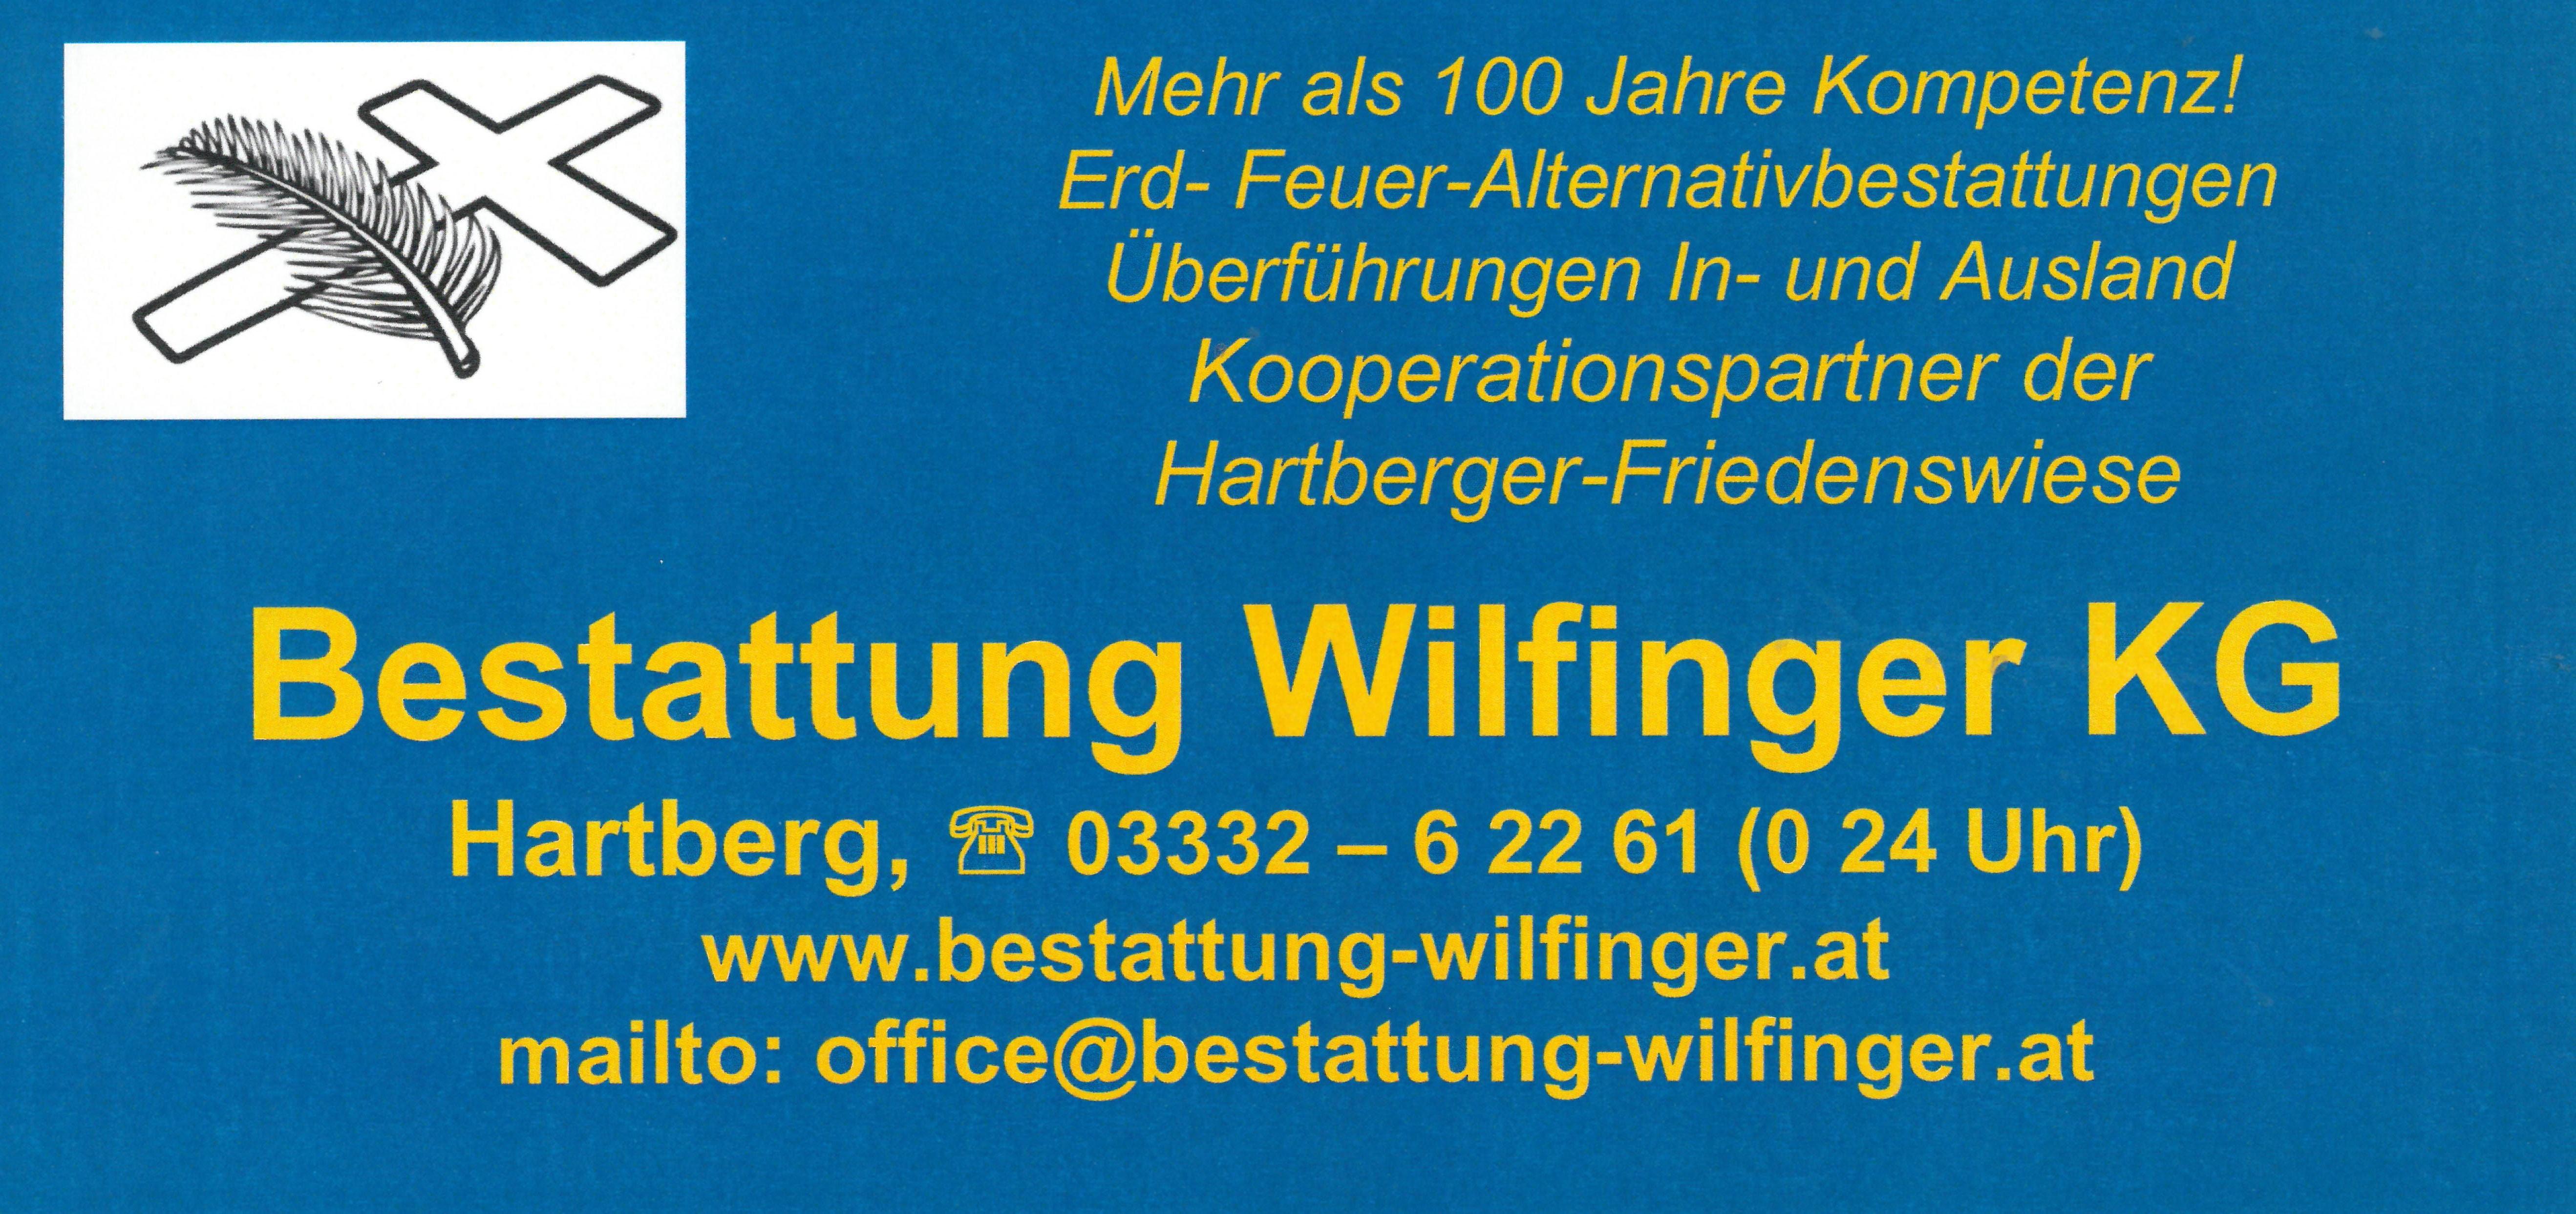 Bestattung Wilfinger